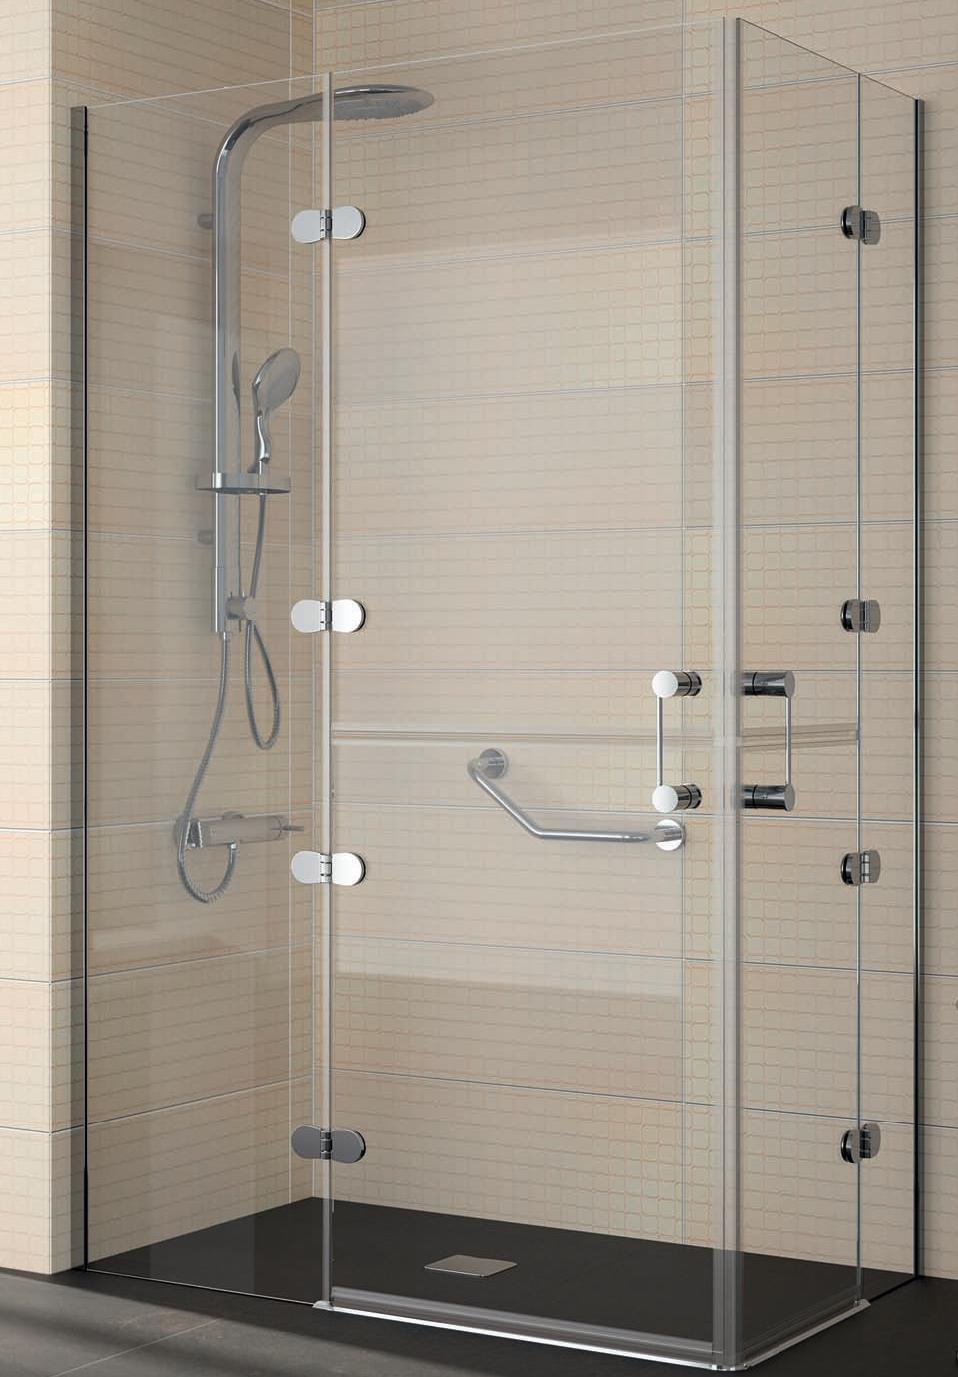 Adecuaci n de duchas para ancianos m p instalaciones - Duchas para mayores ...